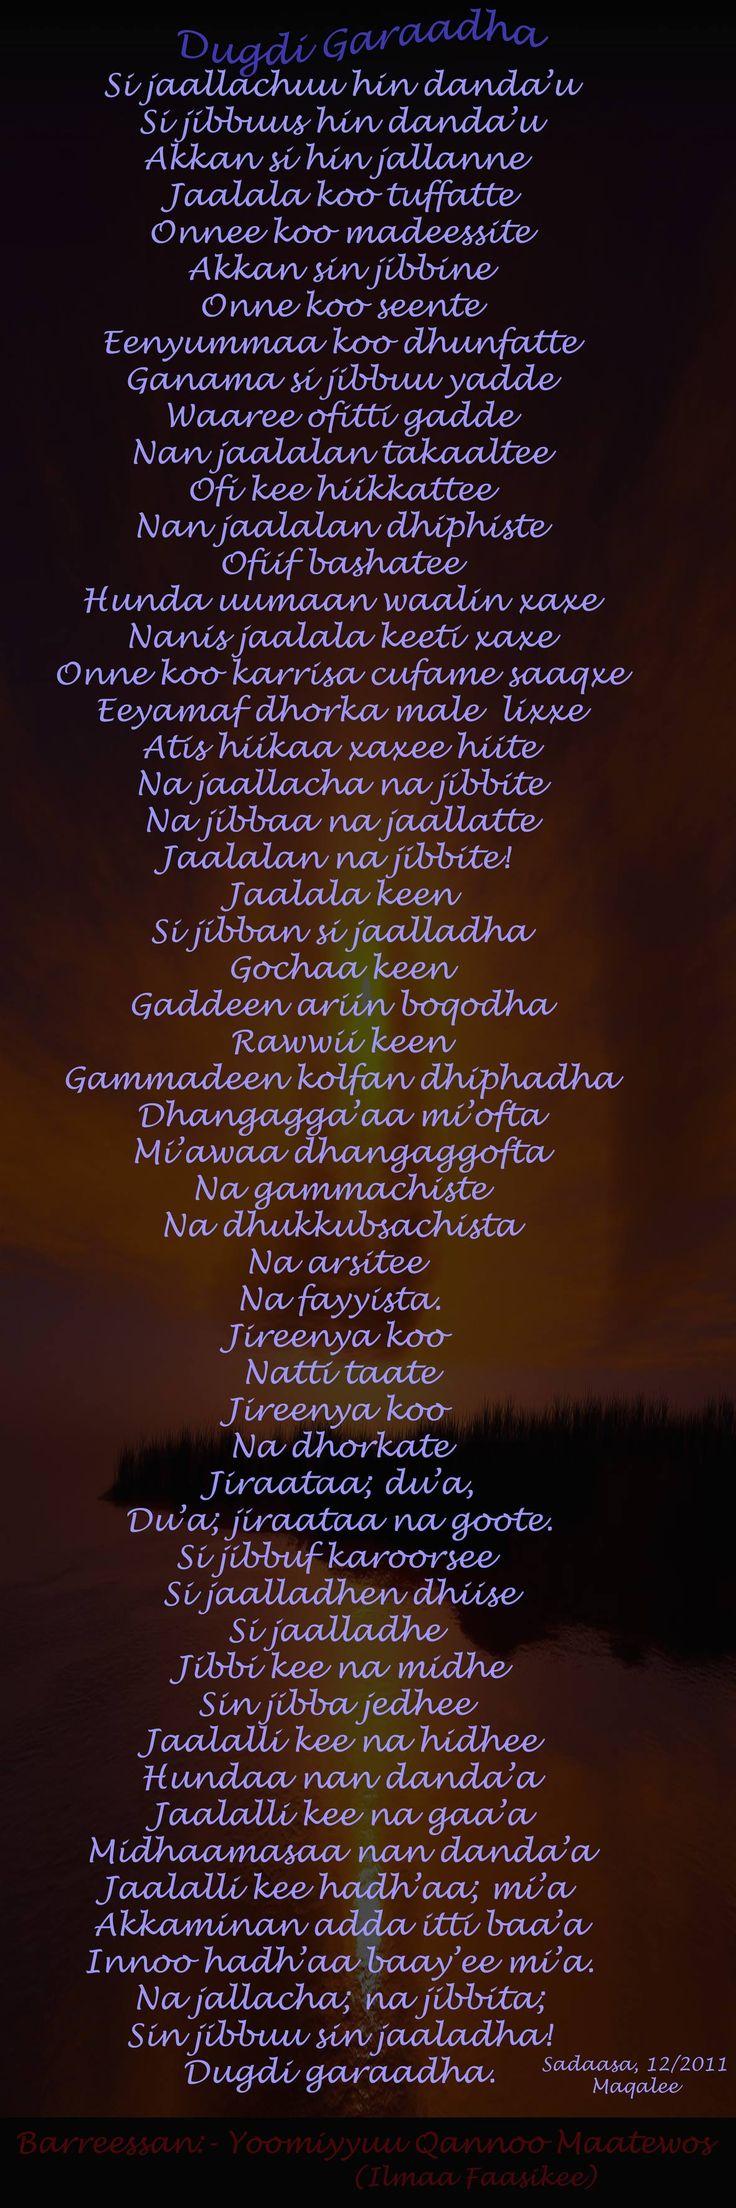 Poems in Oromo. Walaloo Afaan Oromo. Dugdi garaadha. The back is the front.